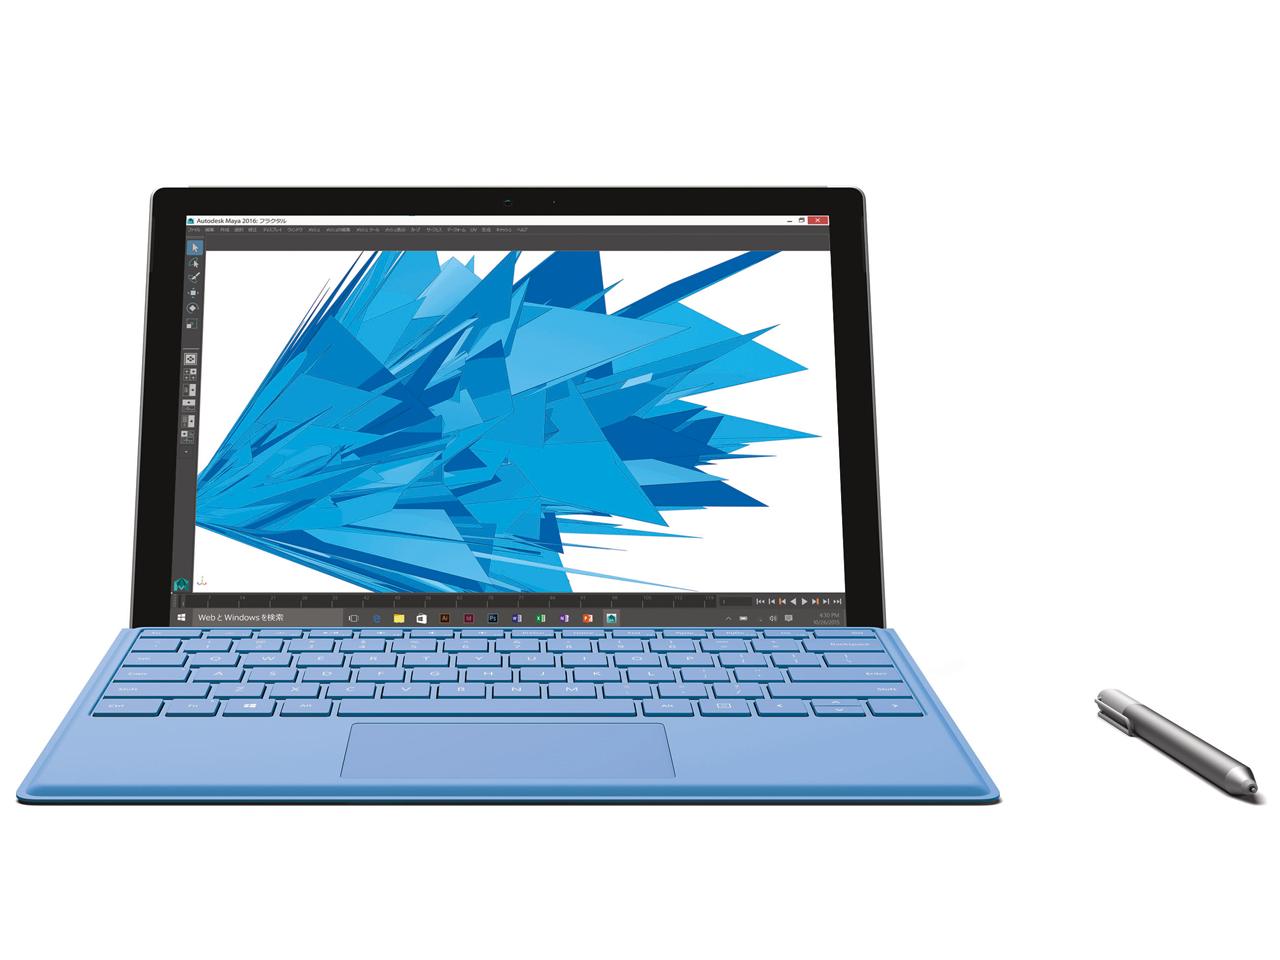 Surface Pro 4 i7 512GB メモリ16GB TH4-00014